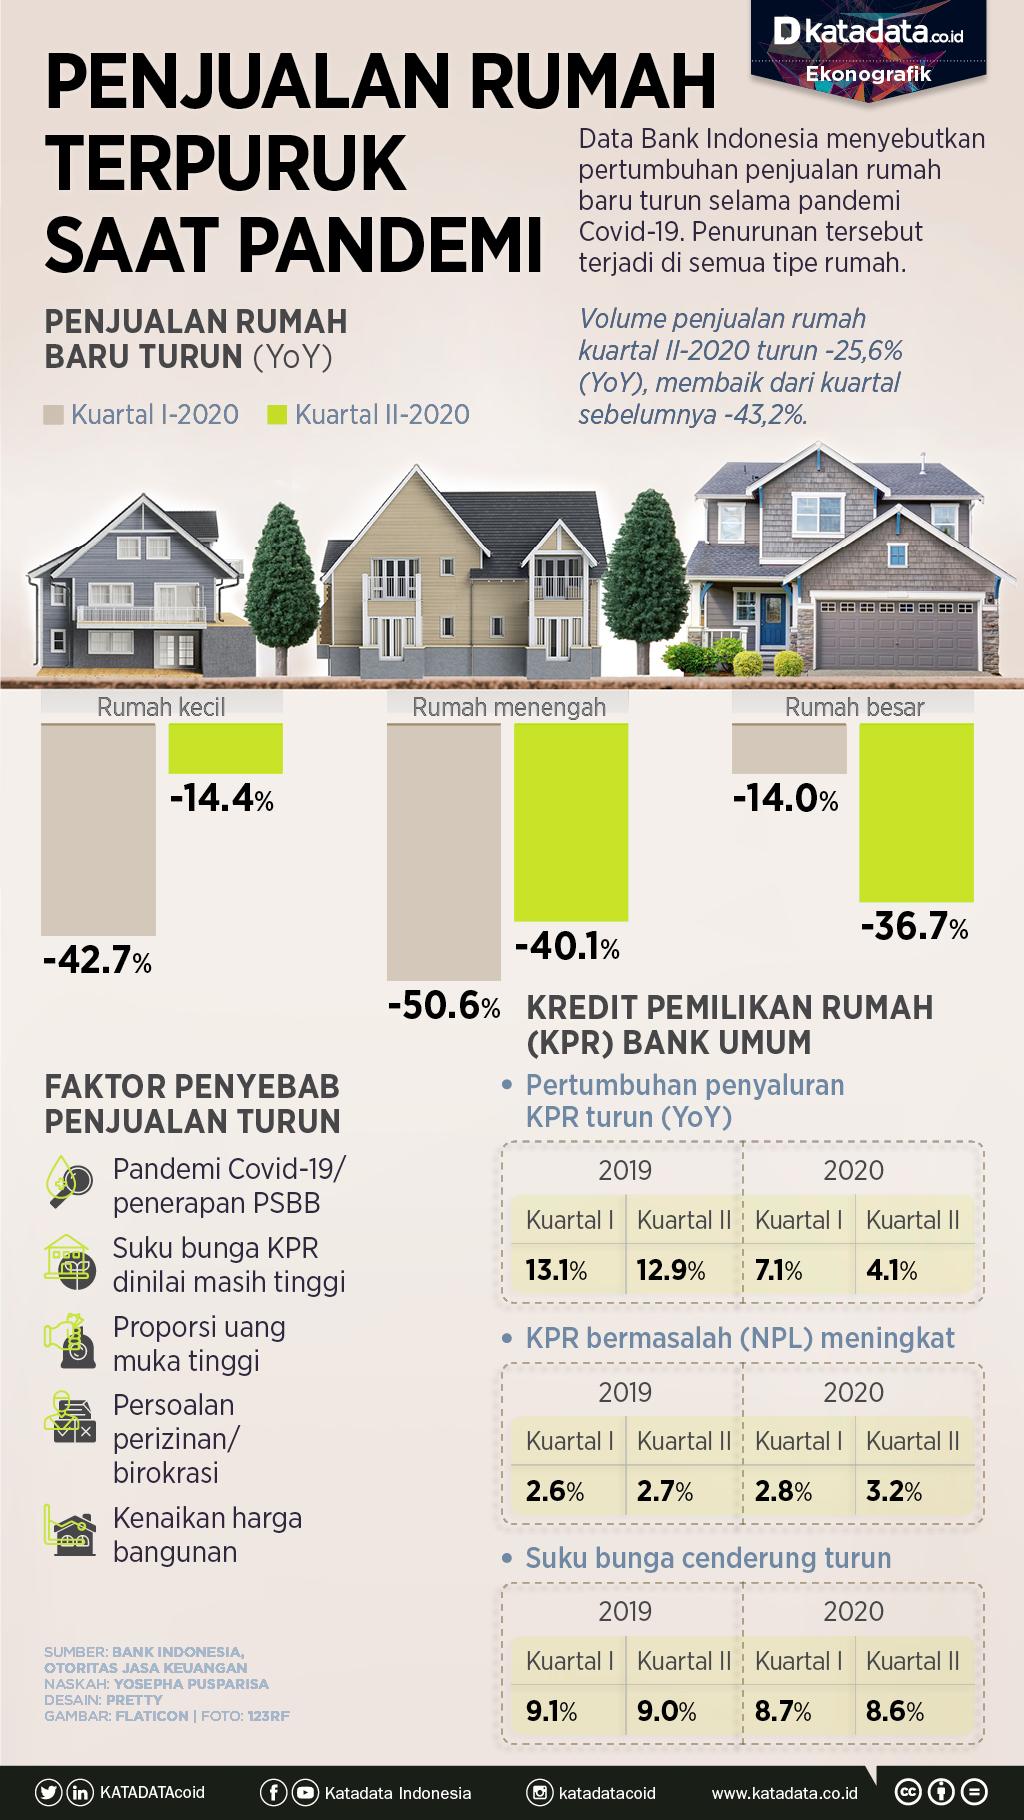 Infografik_Penjualan rumah terpuruk saat pandemi